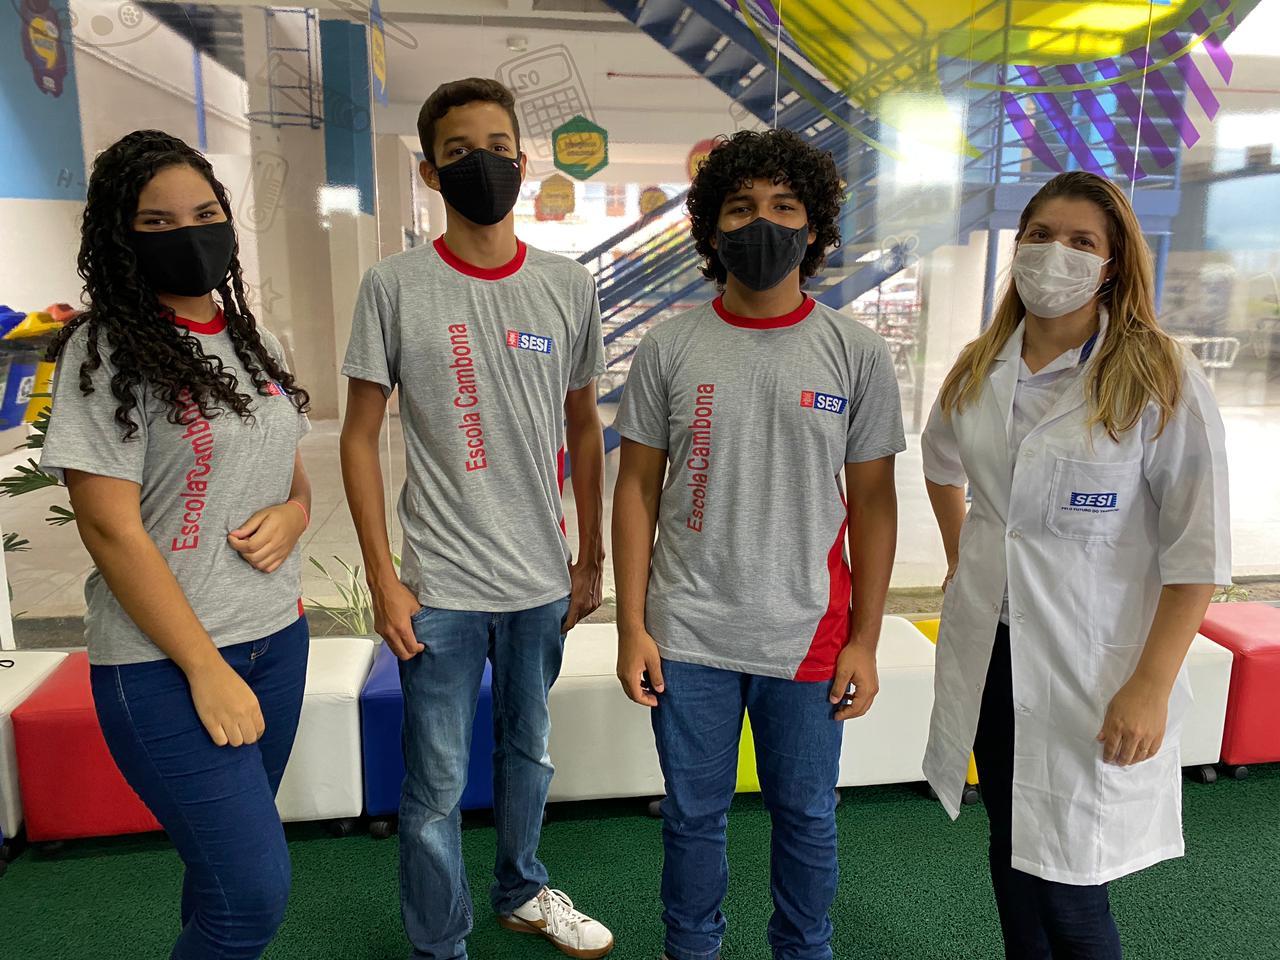 Três adolescentes, dois meninos e uma menina, e uma mulher adulta posam lado a lado. Os jovens usam uniforme escolar e a mulher usa jaleco branco. Todos estão de máscara.